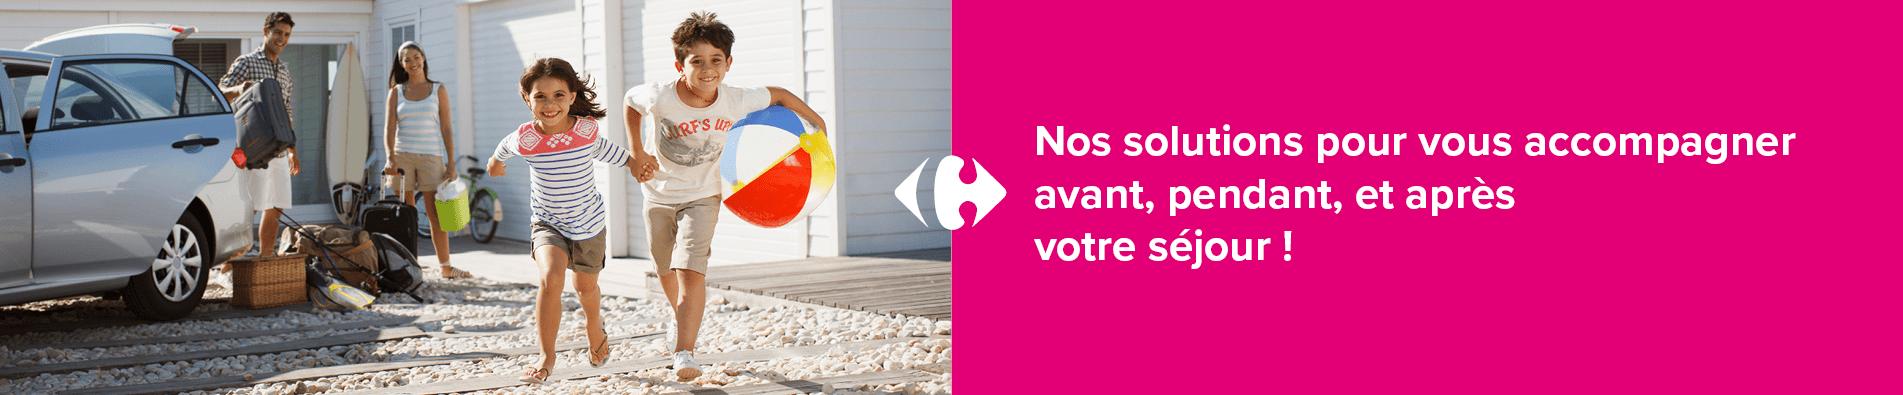 Assurances Carrefour